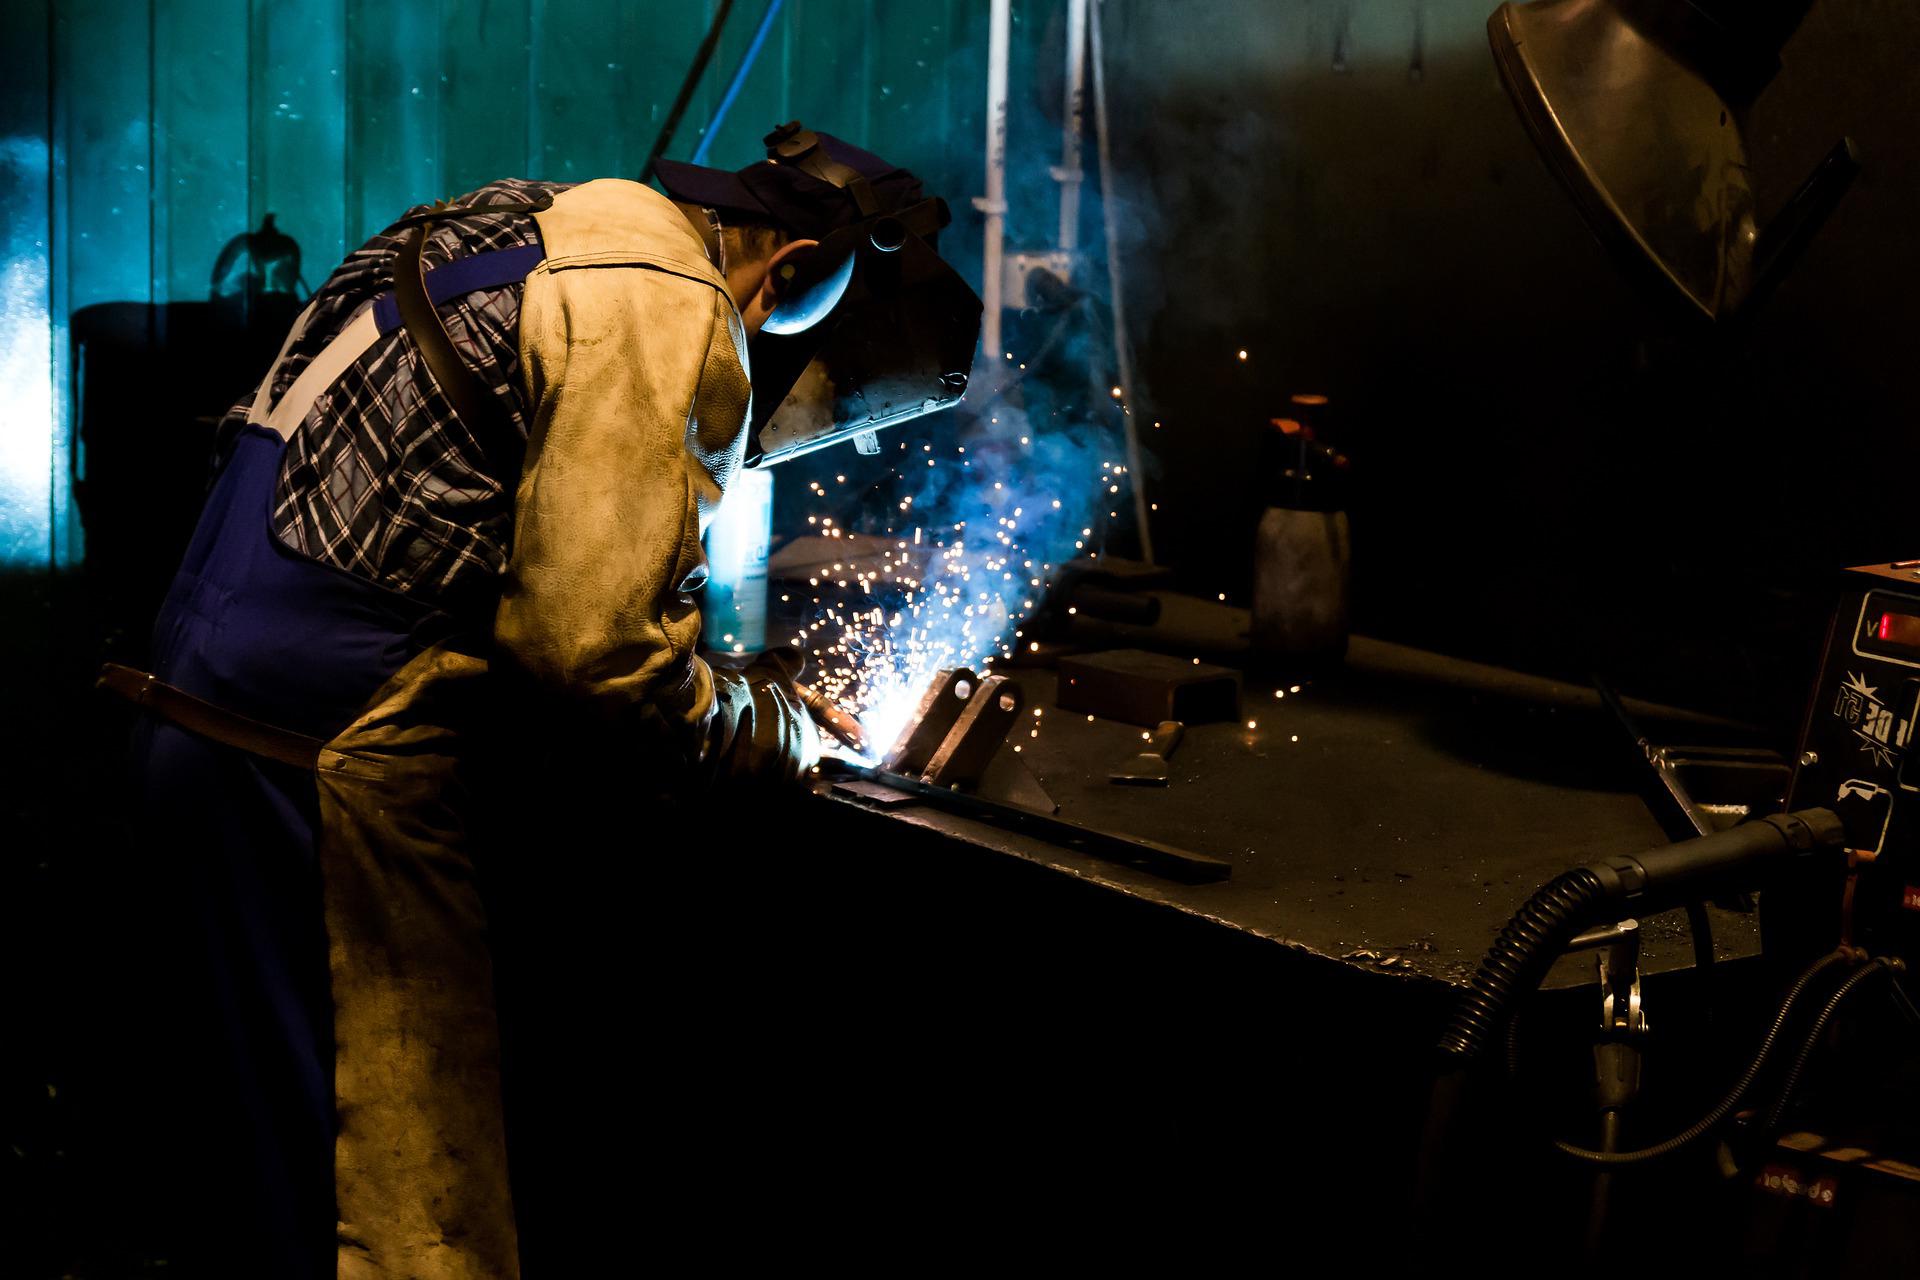 welding-2819147_1920_2